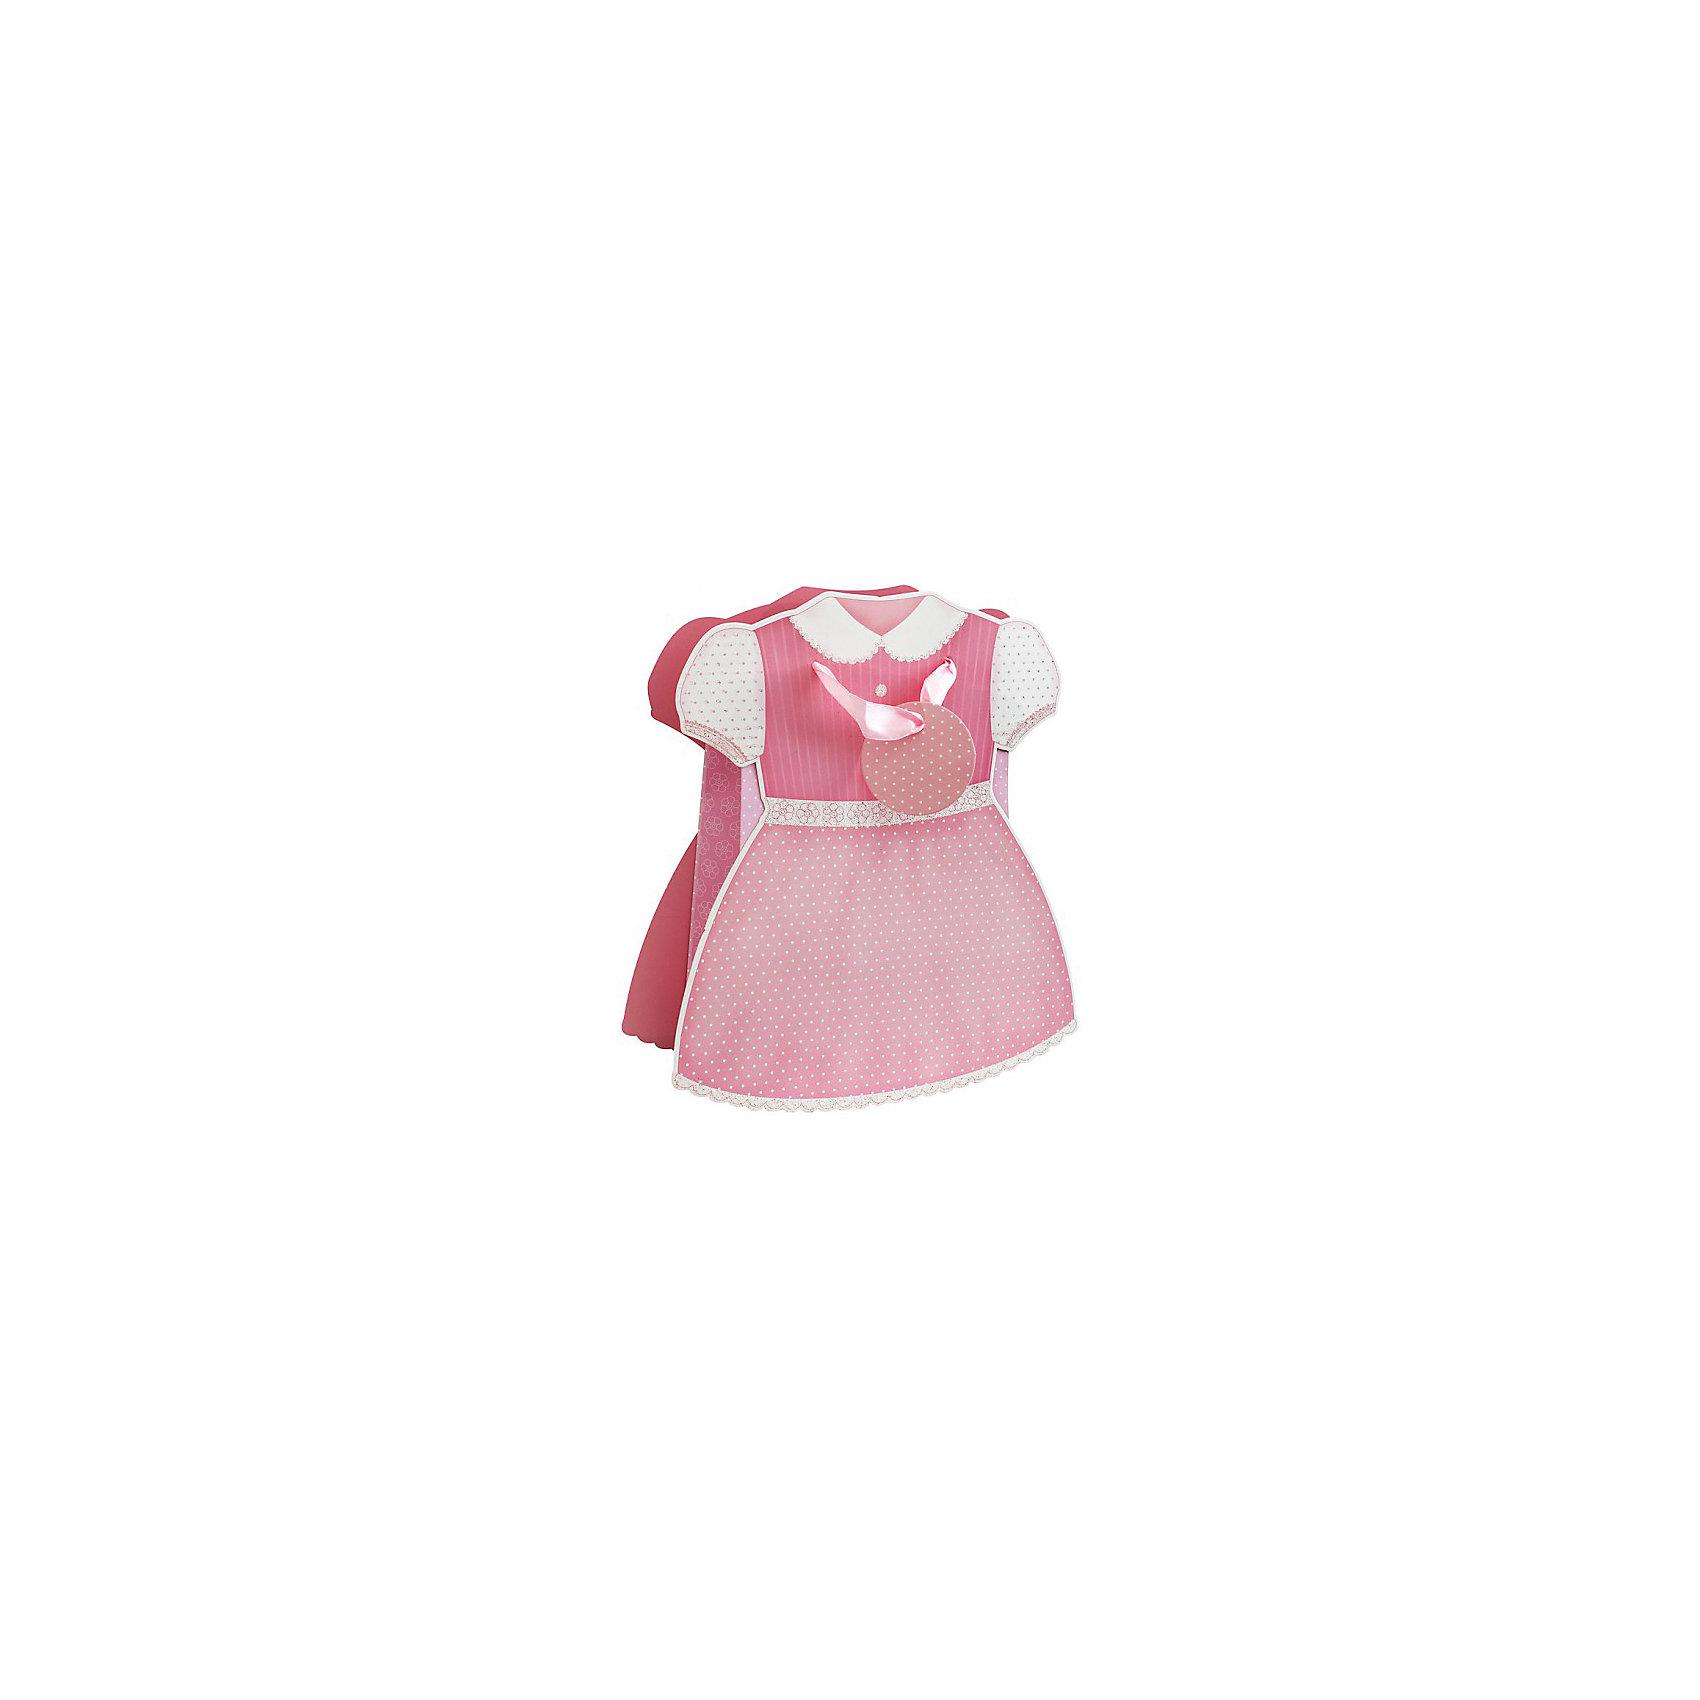 Пакет Розовое платьеПакет Розовое платье, Белоснежка.<br><br>Характеристики:<br><br>• оригинальный дизайн<br>• удобные ручки<br>• прочные материалы<br>• состав: бумага<br>• размер: 16х19,5х8 см<br><br>Пакет от компании Белоснежка имеет очень необычный дизайн. Он выполнен в виде красивого платья розового и белого цвета. Пакет имеет плотное дно и удобные атласные ручки. Этот пакет отлично дополнит ваш подарок.<br><br>Вы можете купить пакет Розовое платье в нашем интернет-магазине.<br><br>Ширина мм: 195<br>Глубина мм: 160<br>Высота мм: 80<br>Вес г: 40<br>Возраст от месяцев: 72<br>Возраст до месяцев: 144<br>Пол: Женский<br>Возраст: Детский<br>SKU: 5089601